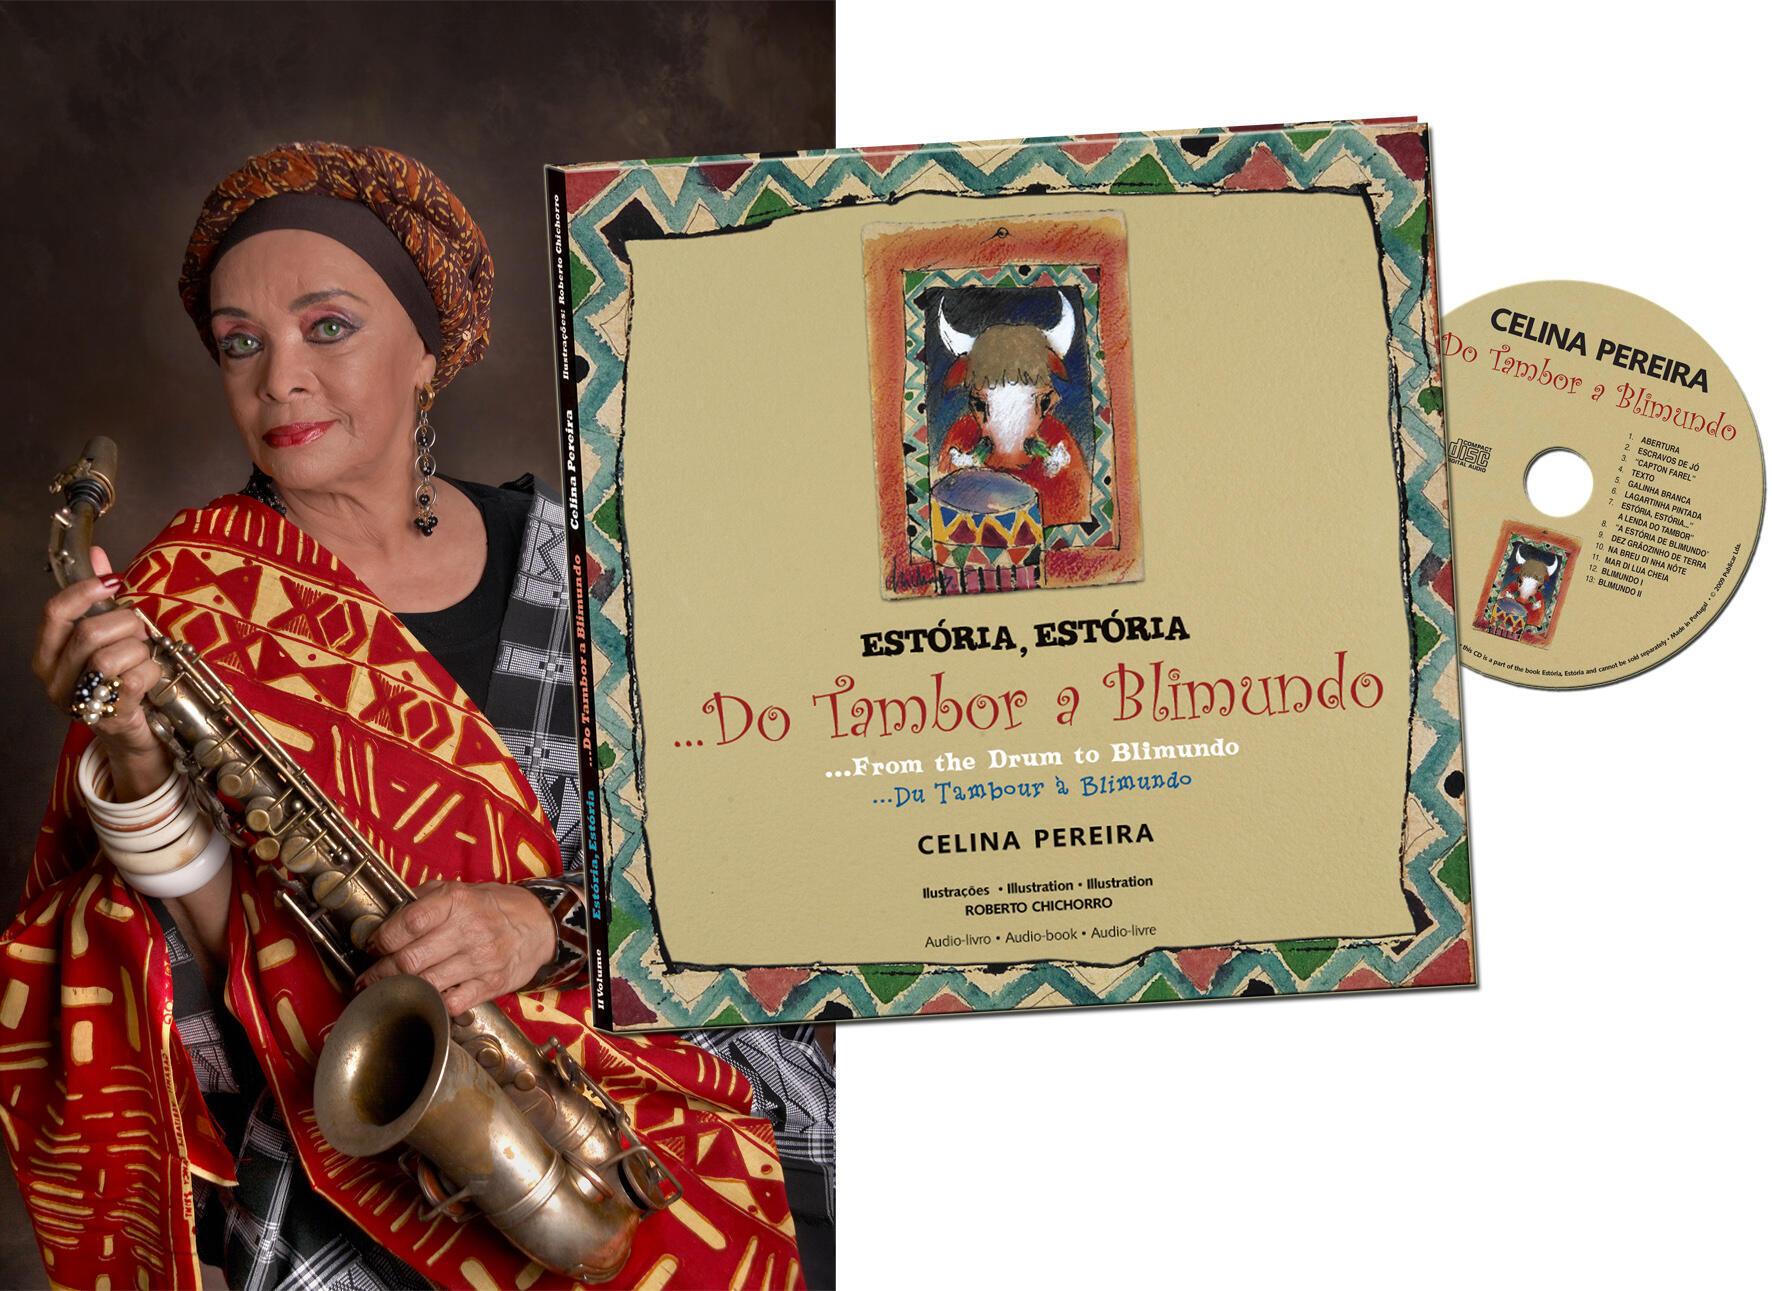 A cantora cabo-verdiana Celina Pereira foi, nomeadamente, autora deste áudio livre com histórias para crianças lançado em 2010.